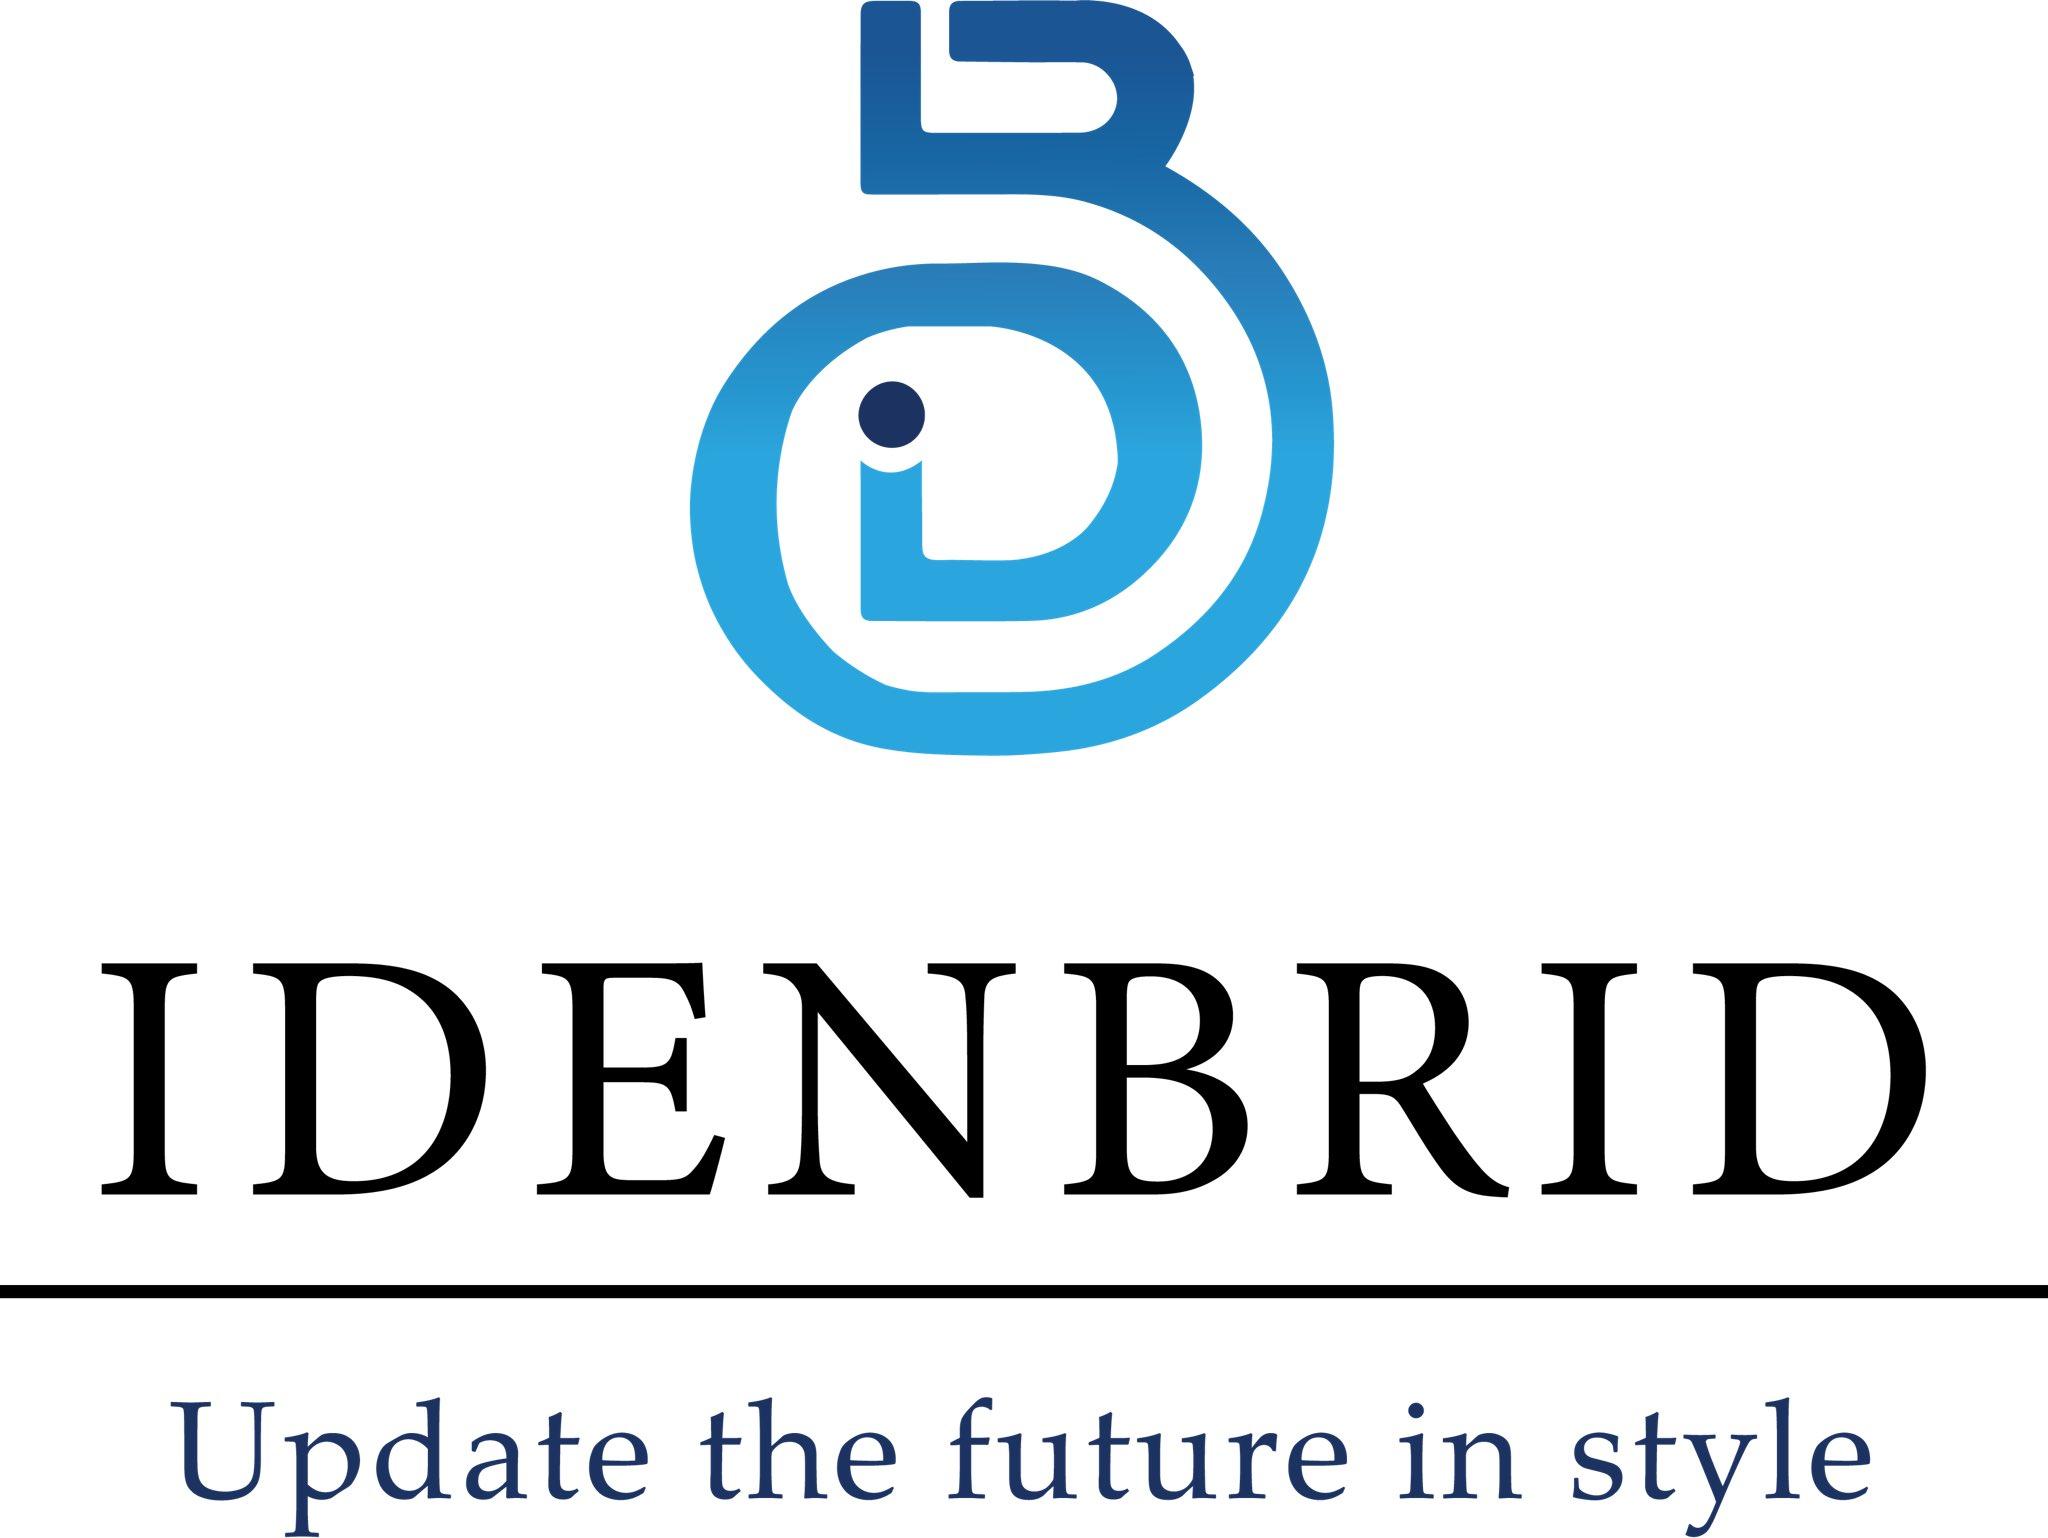 Image for the Tweet beginning: 当社の生まれ変わったロゴがこちらです。 「テクノロジーで未来をかっこ良くアップデート」こちらがタグラインです。  これからもお客様のDXに貢献していきます。  #IDENBRID  #ウェブ開発 #アプリ #ウェブサイト